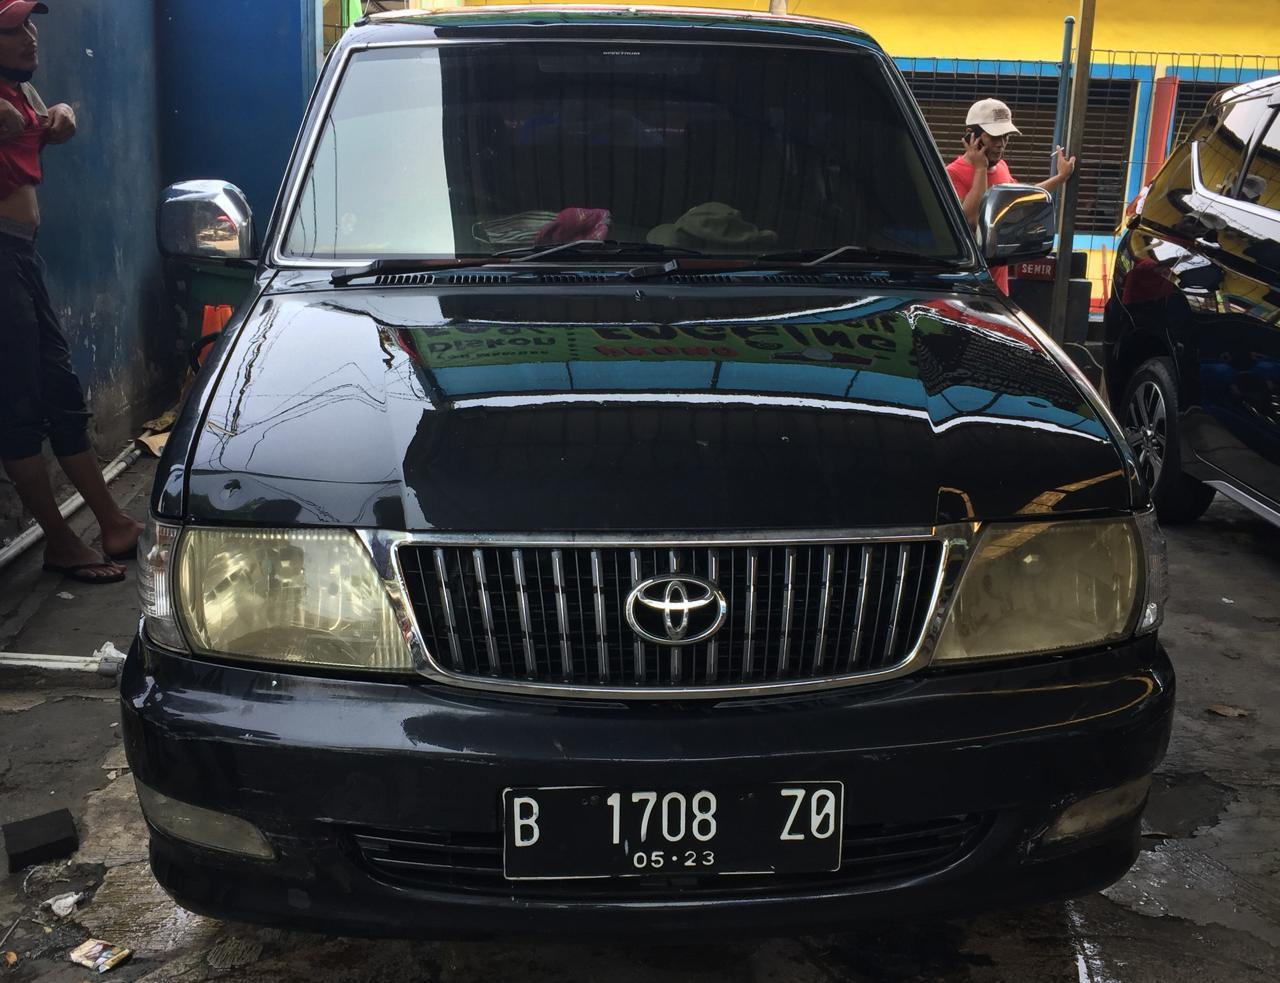 Kijang LGX Th 2003 / B 1708 ZO